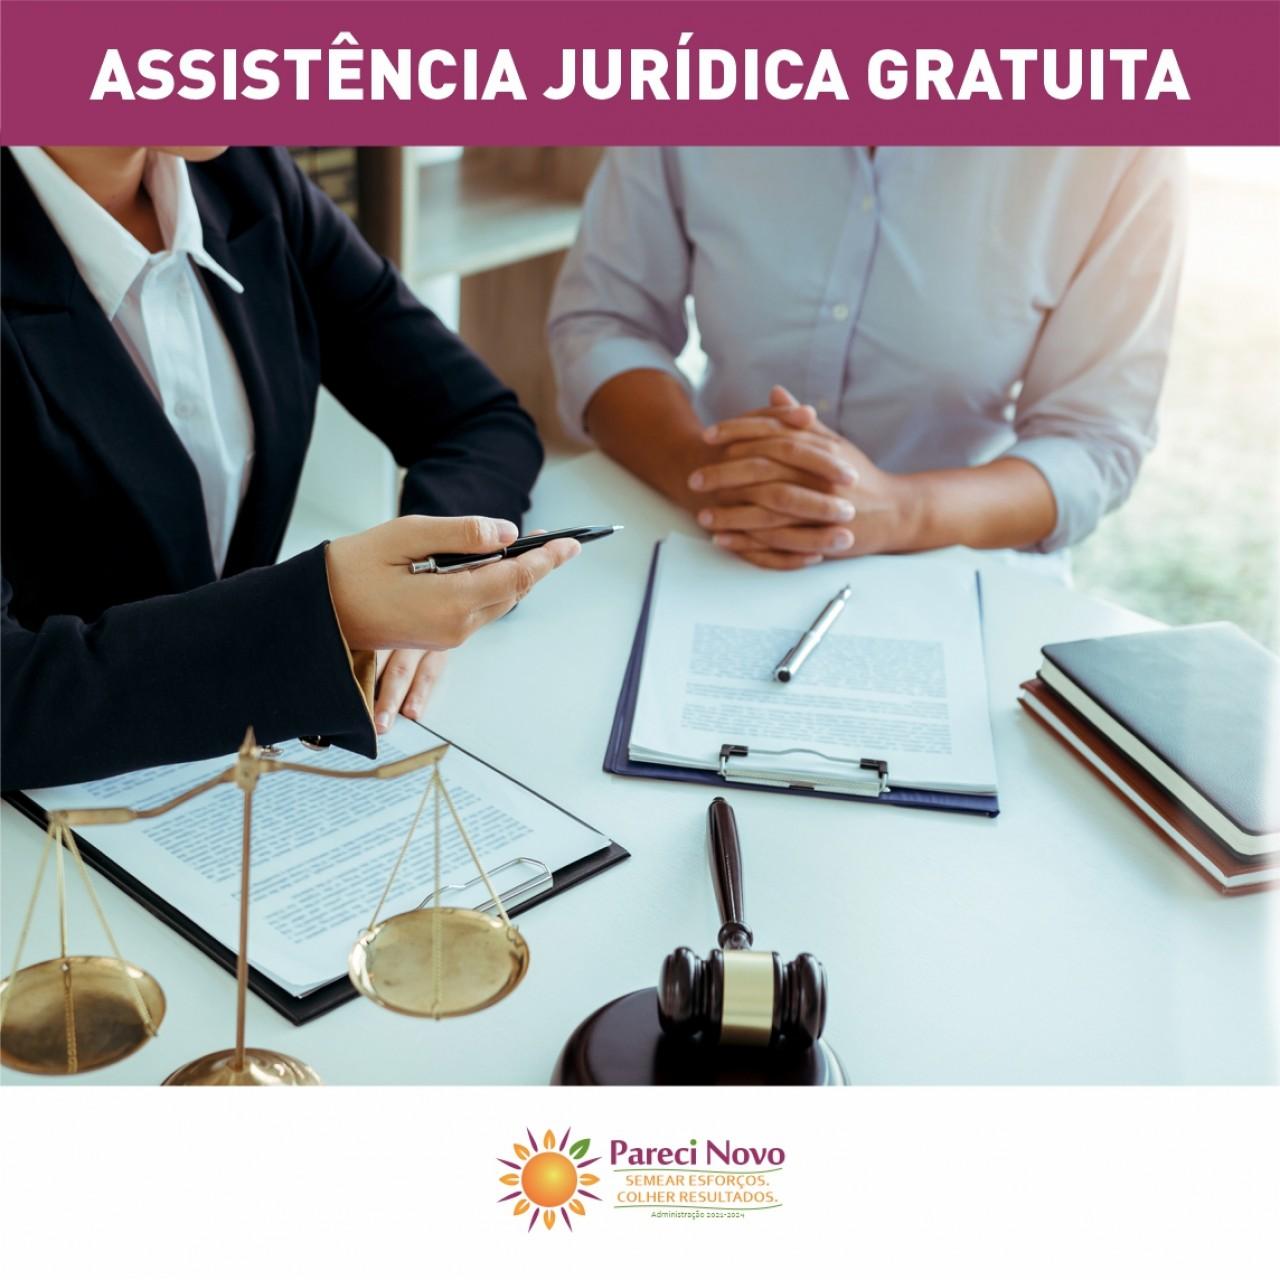 Pareci terá assistência jurídica gratuita de 18 a 20 de outubro